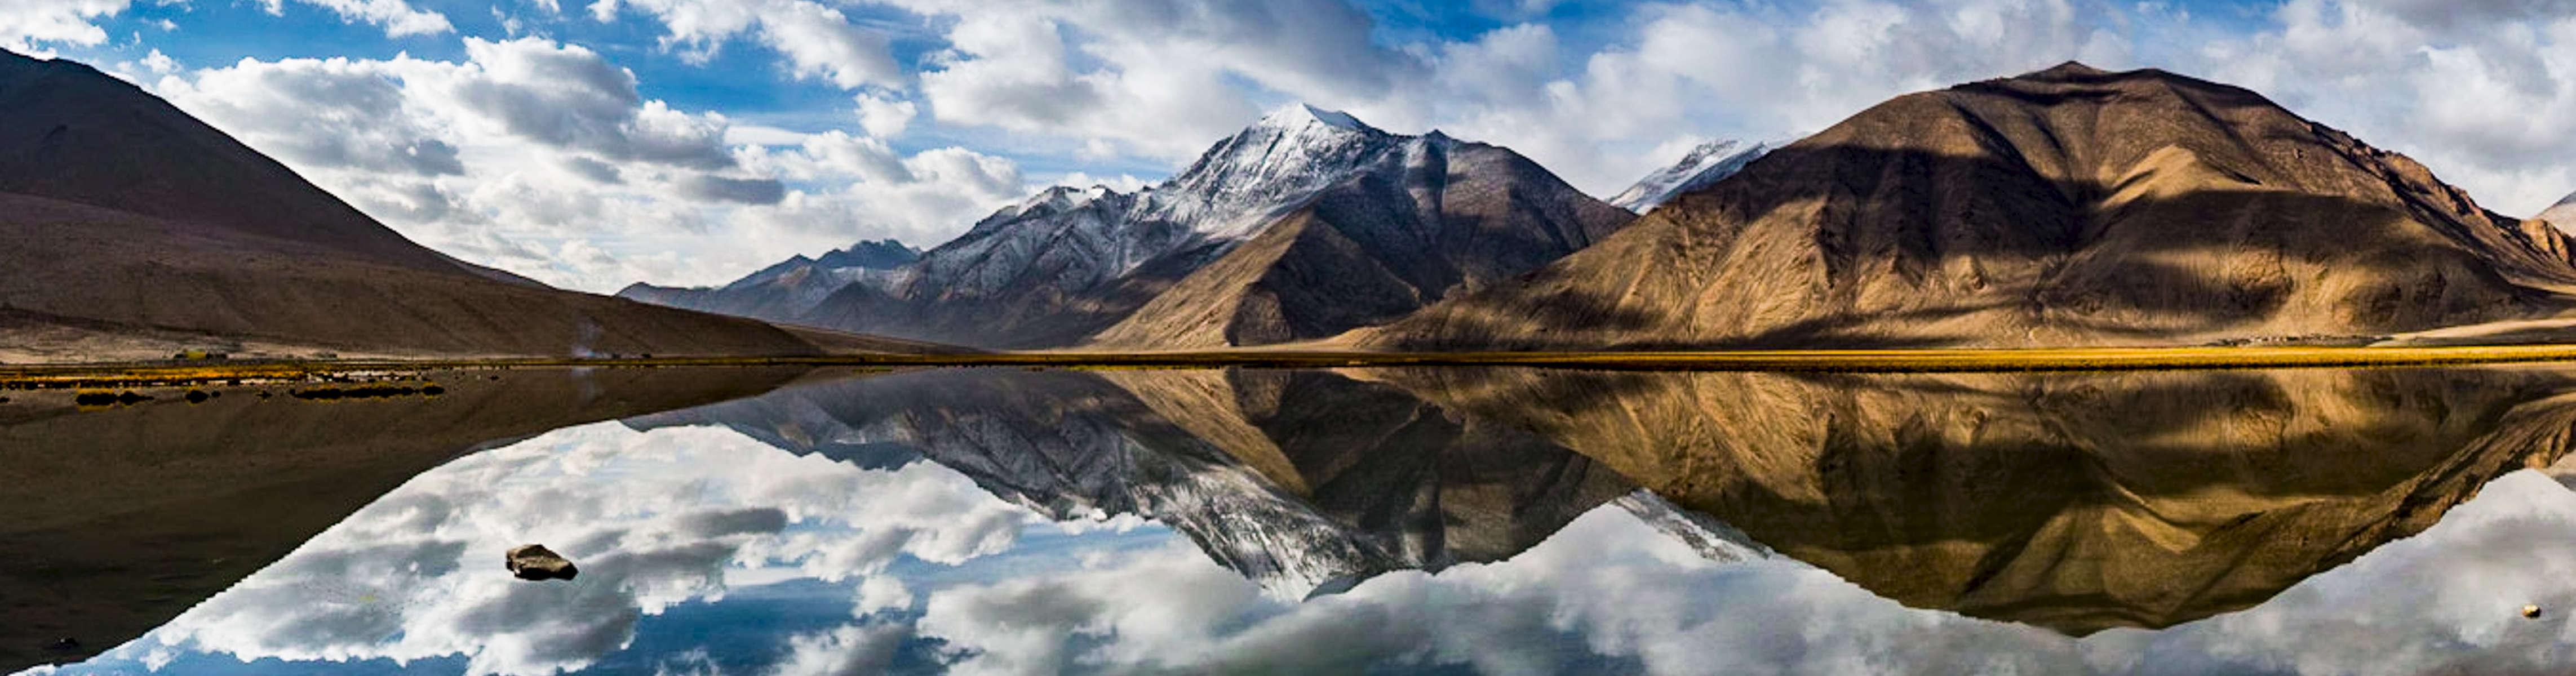 20160921-Ladakh-MD-Voygr-16-2496